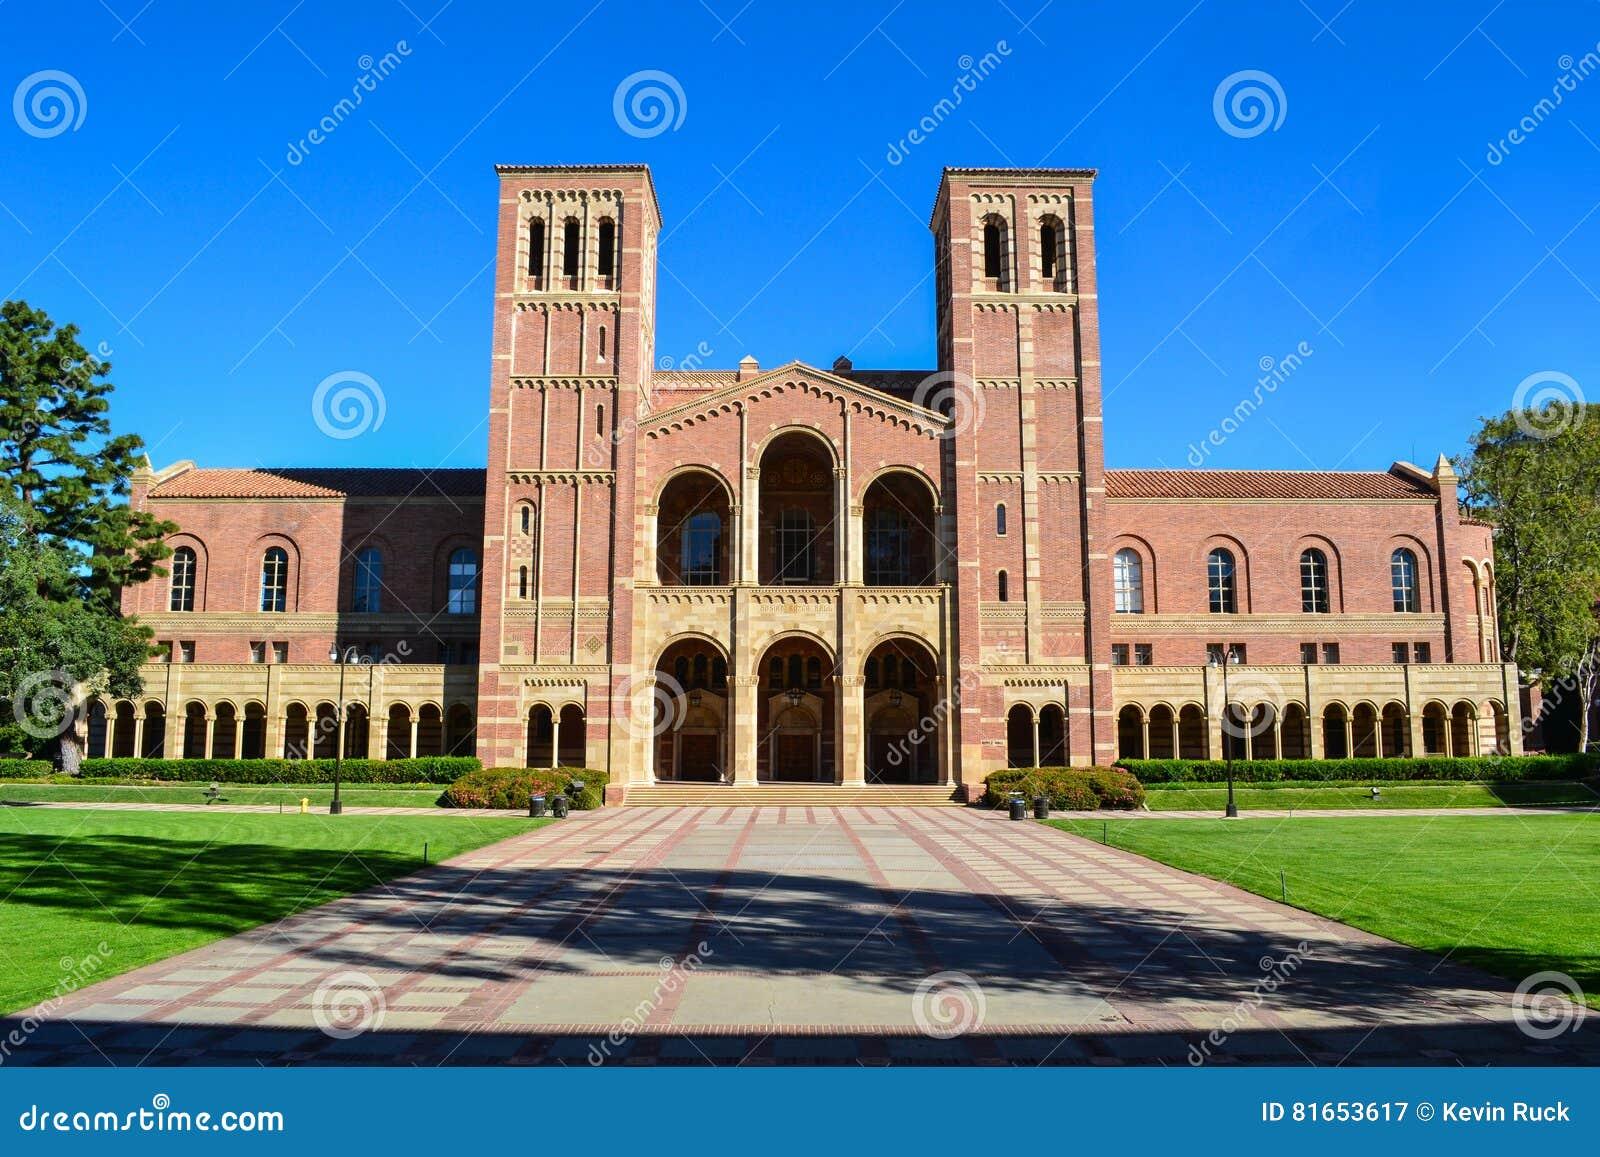 加州大学洛杉矶分校罗伊斯霍尔学院校园